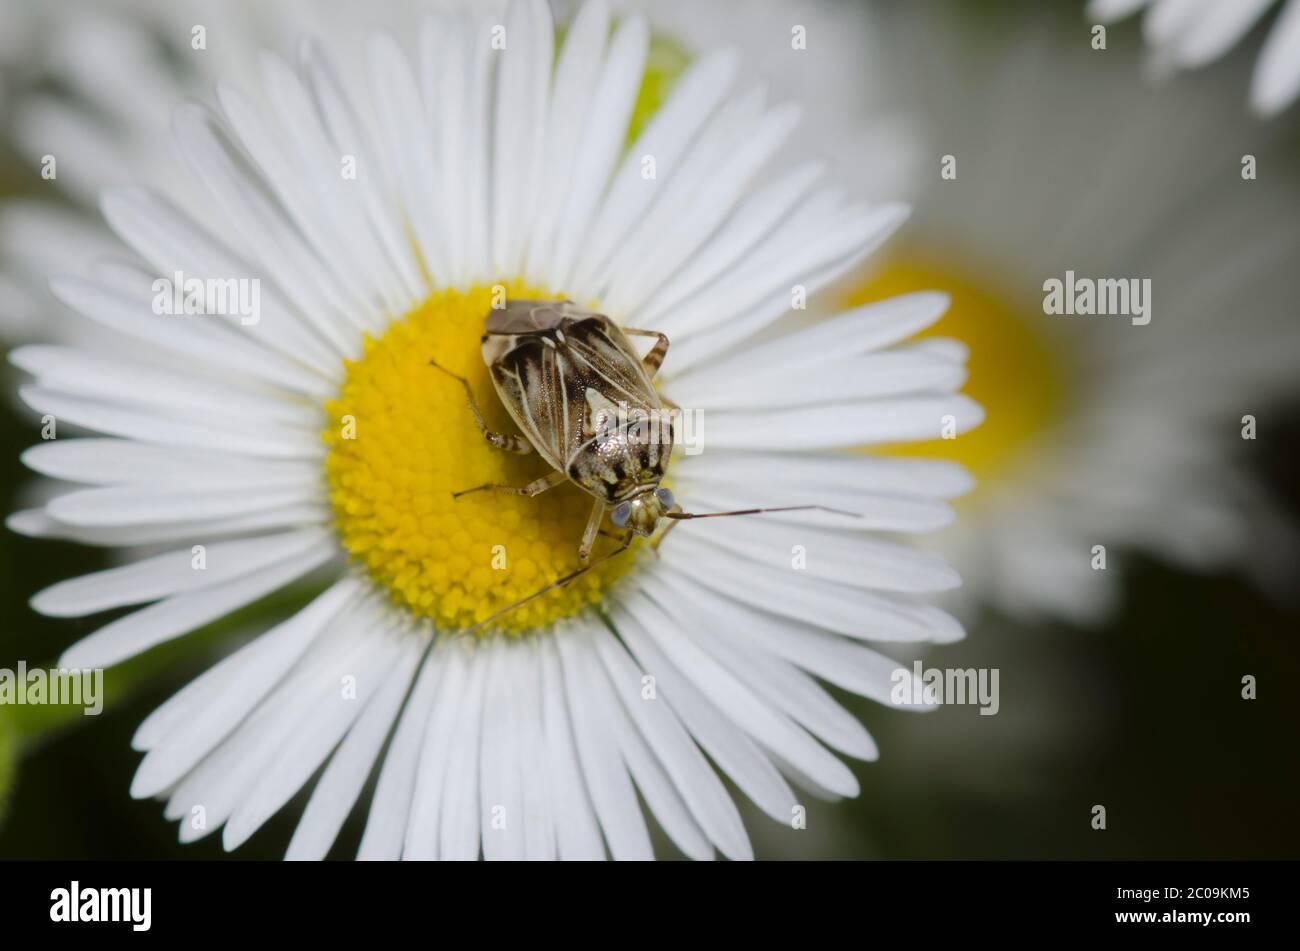 Plant Bug, Family Miridae, foraging on fleabane, Erigeron sp. Stock Photo